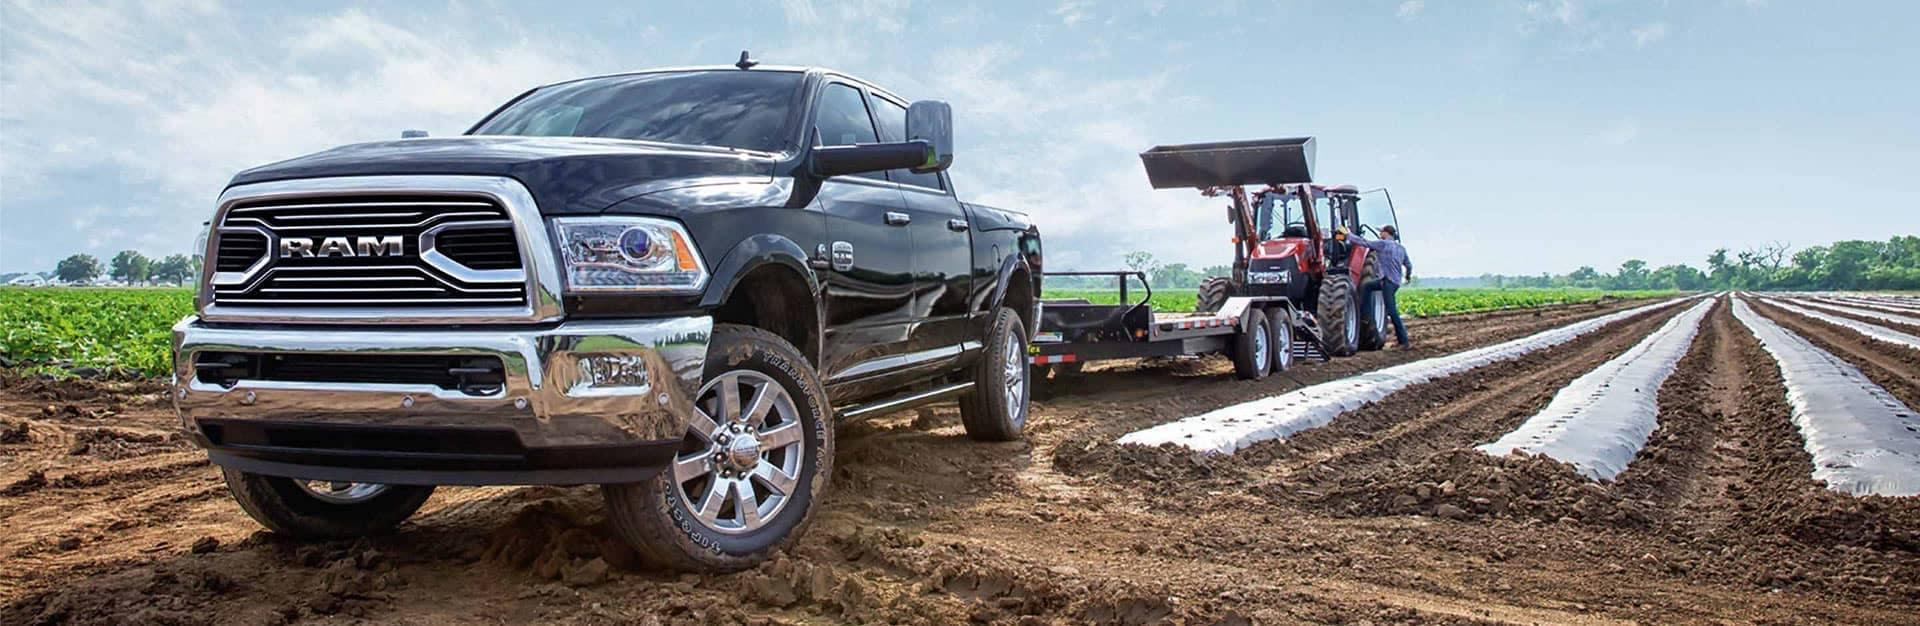 2018-Ram-2500-Laramie-Longhorn-Towing